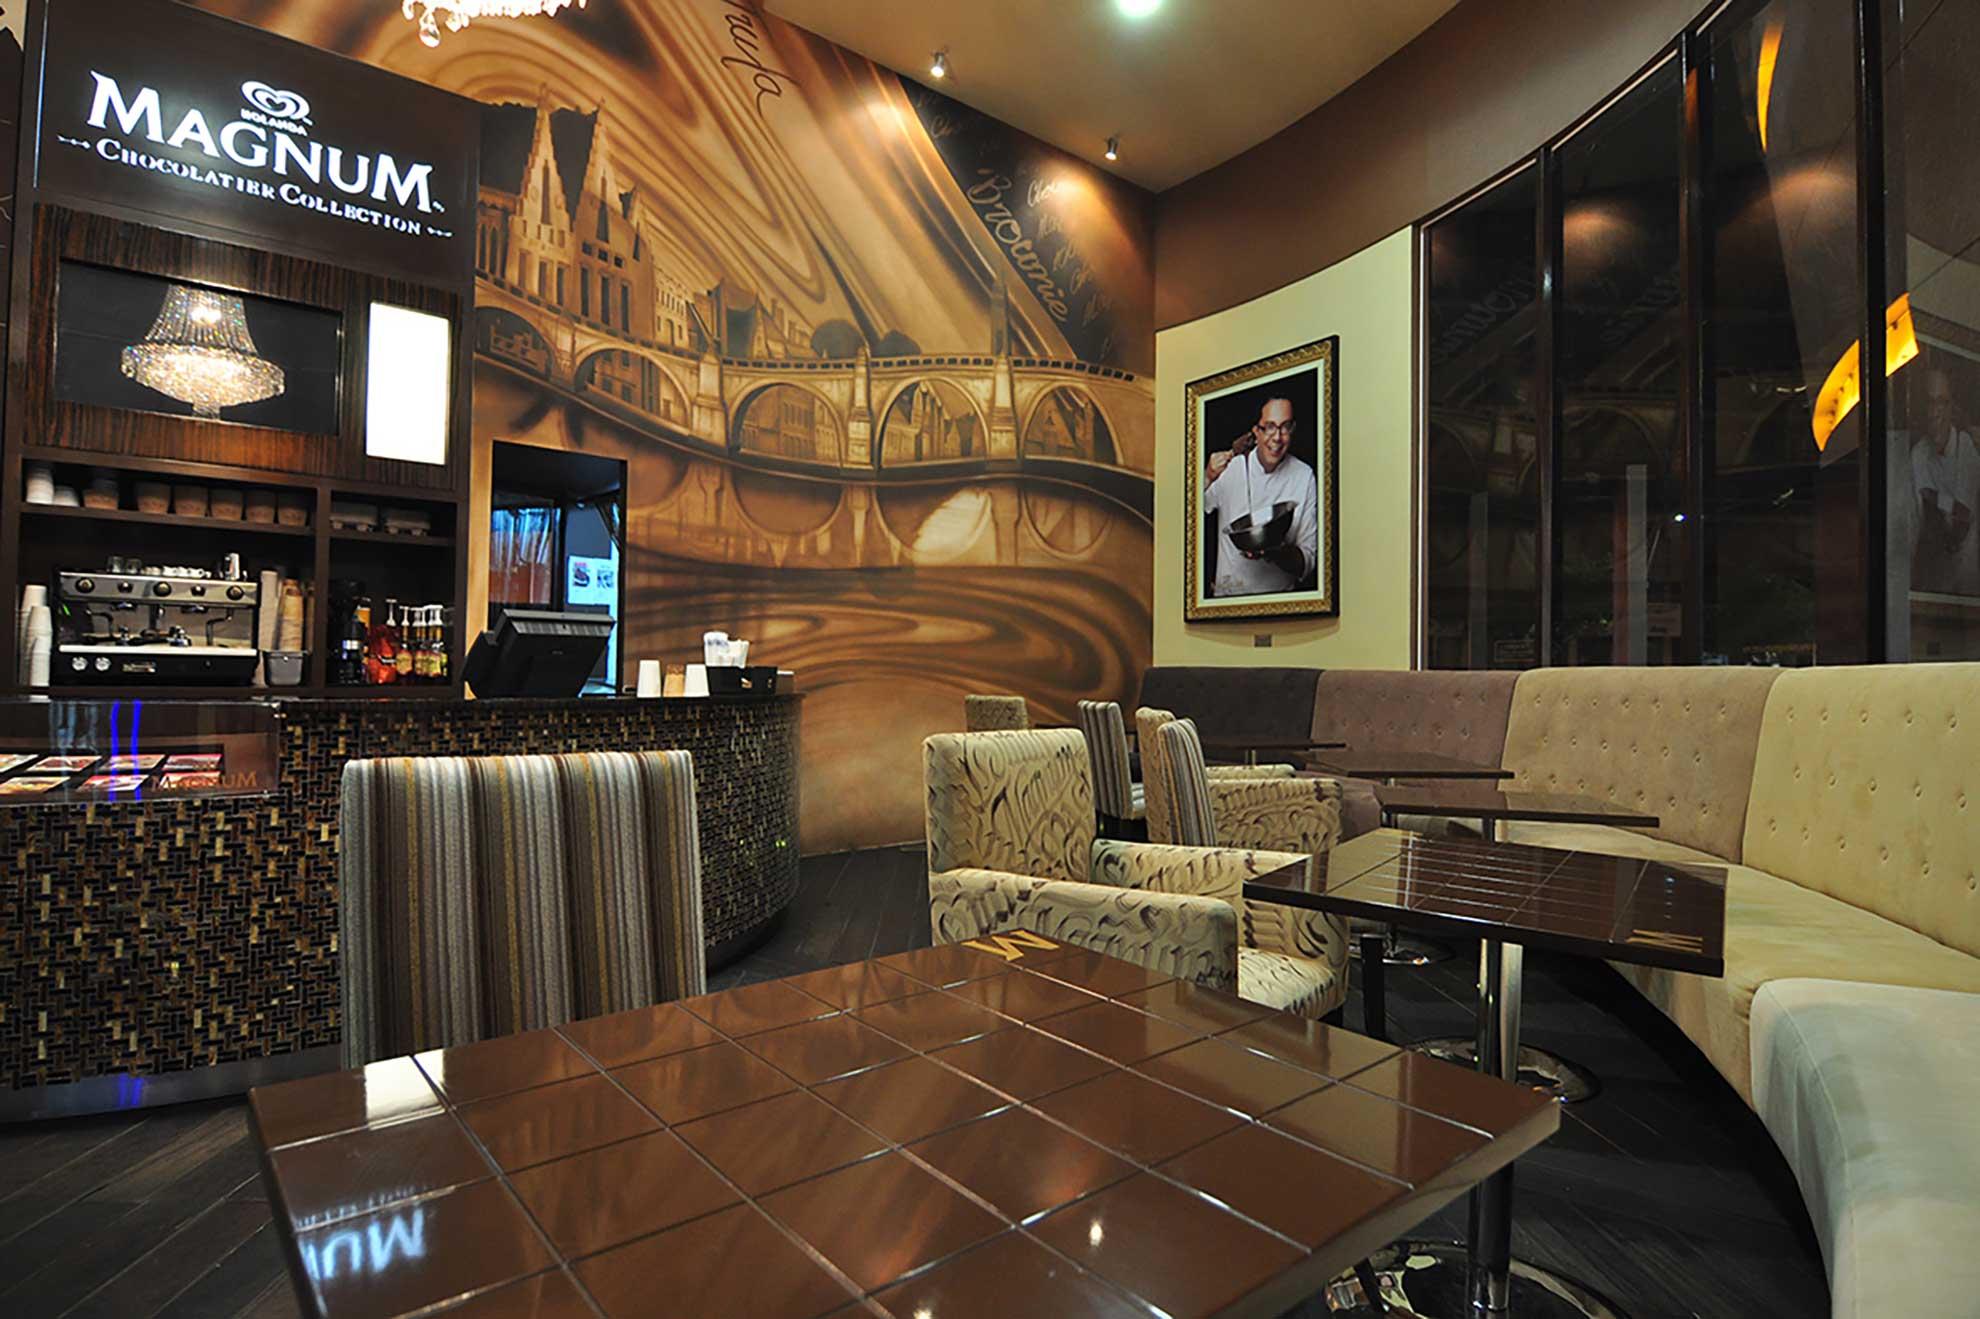 Las paletas Magnum tuvieron un espacio dedicadas a ellas en el centro comercial Antara, ubicado en Polanco, el lugar fue diseñado y creado por el despacho arquitectónico Depa 102, con texturas y materiales que representaban la esenica de esta famosa Paleta